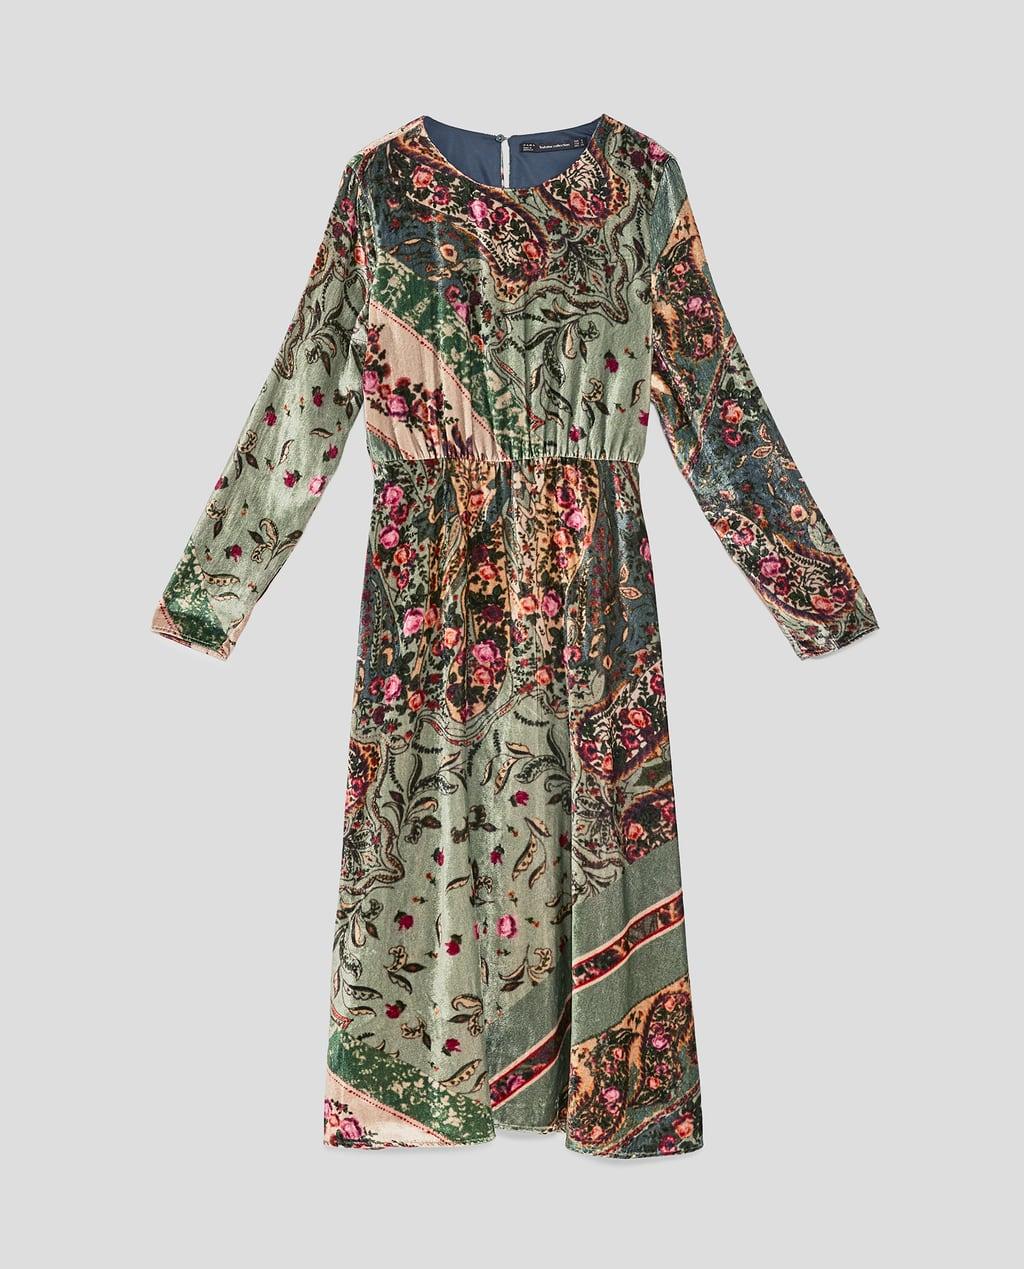 e91735beb61 Robe en velours imprimé Zara - 25 robes en velours qui ont définitivement  la cote - Elle